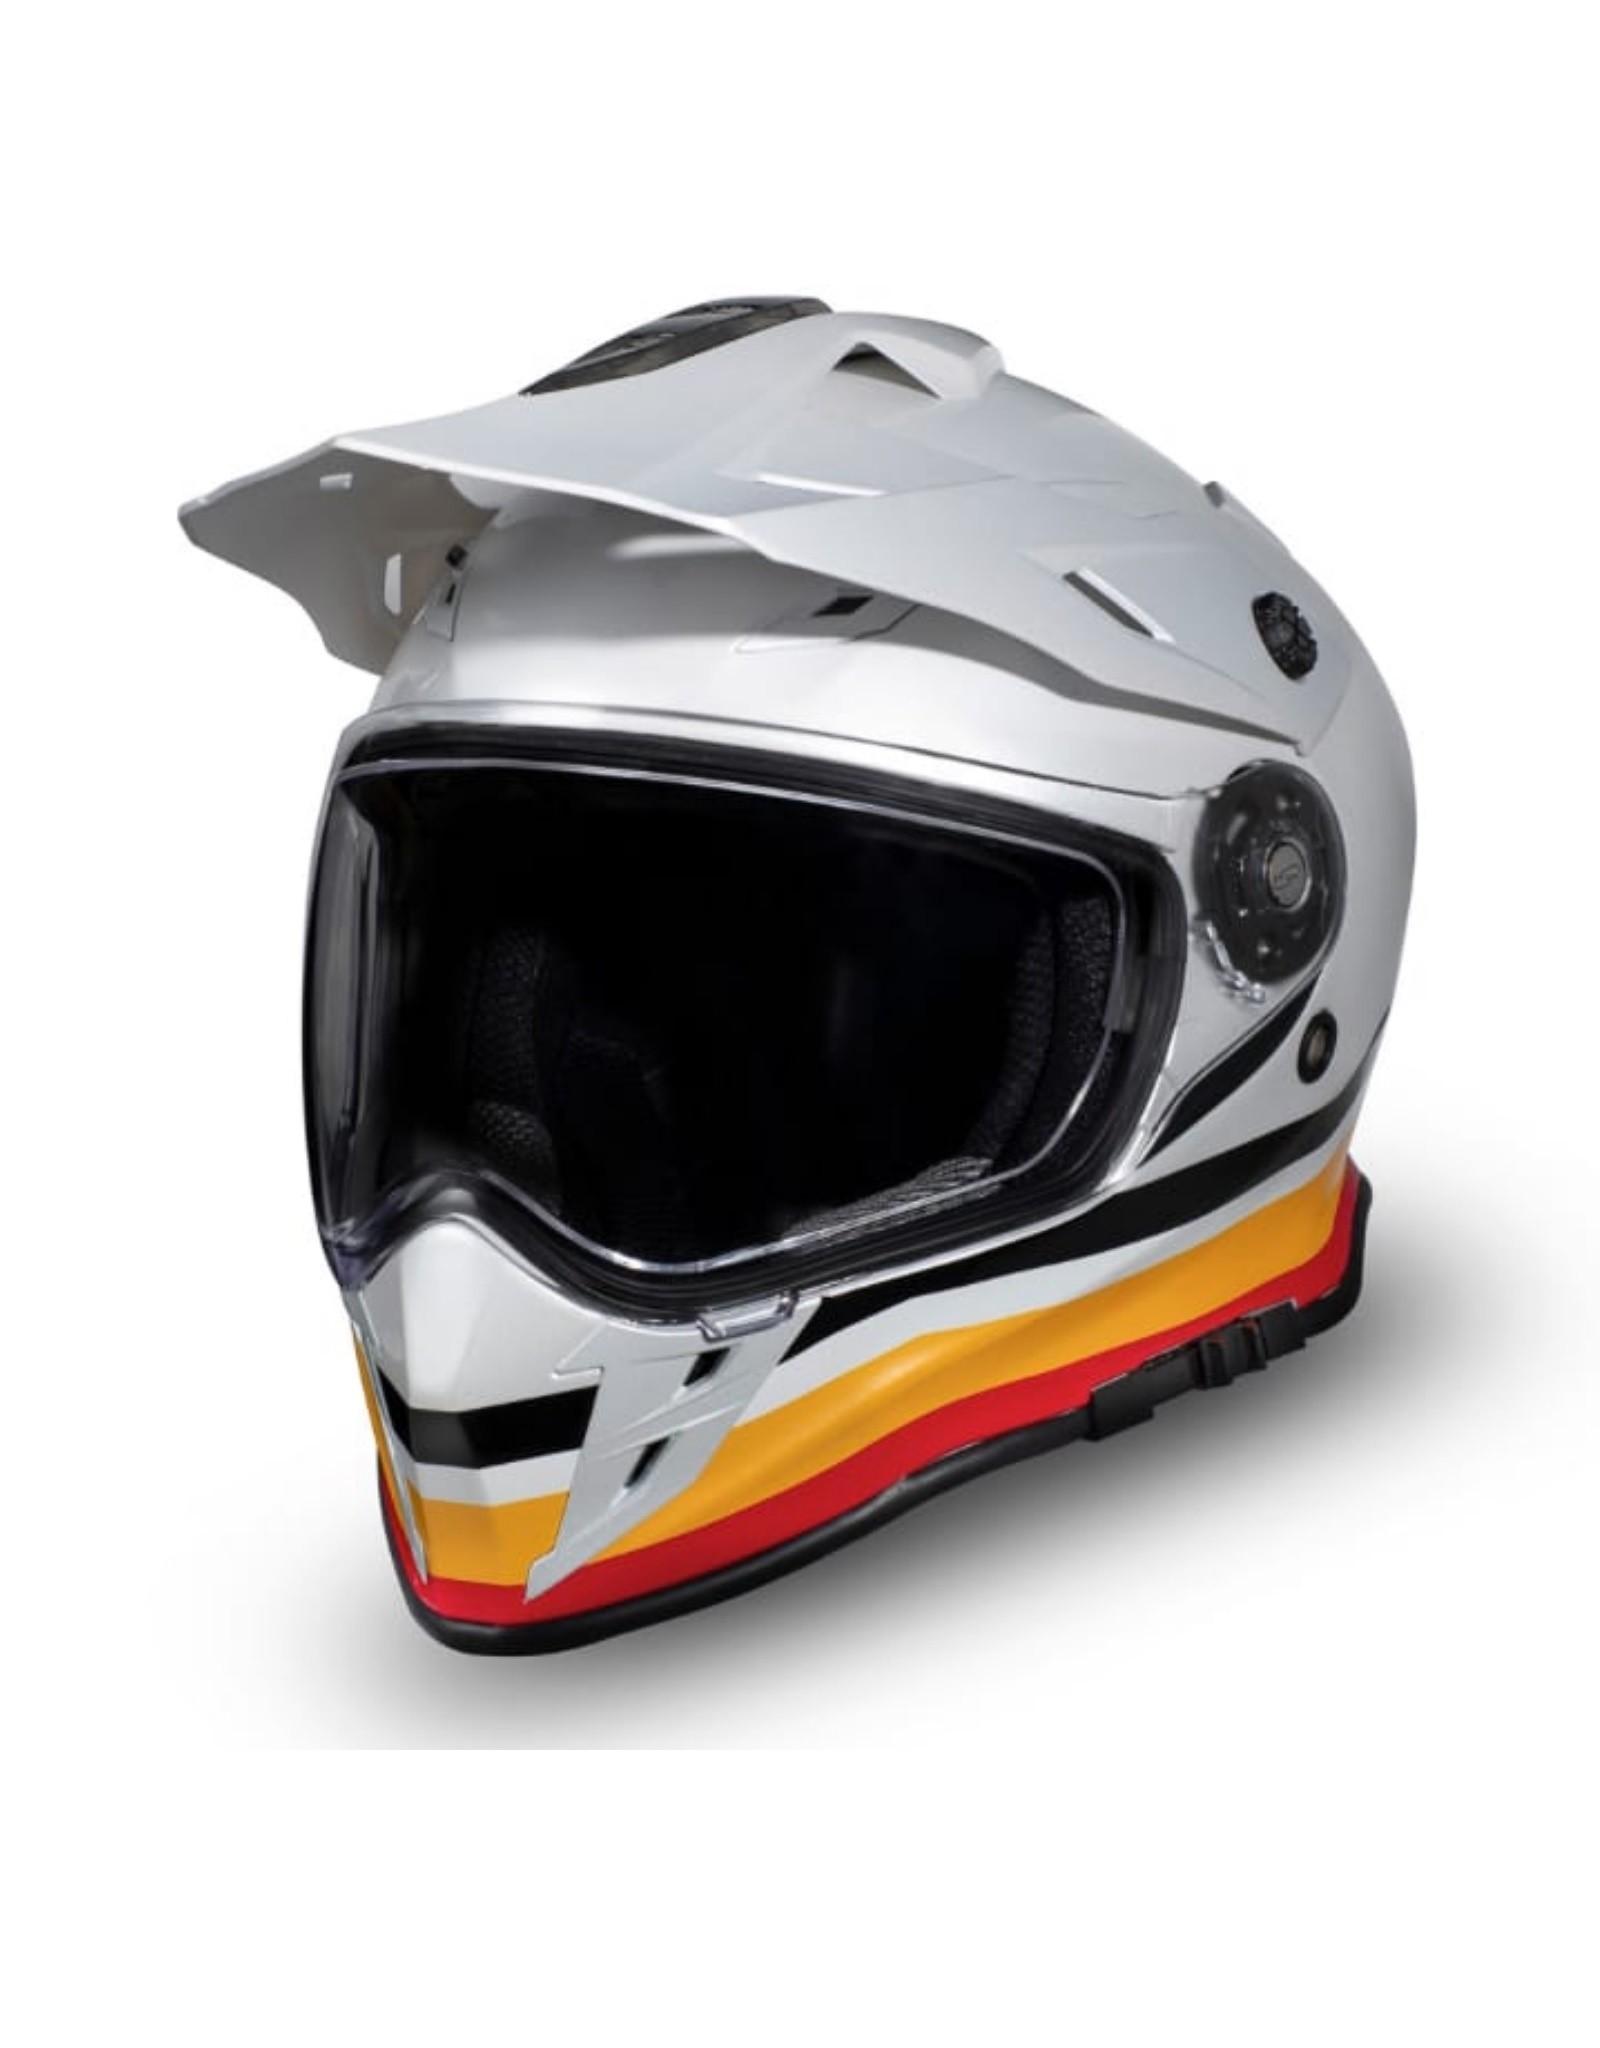 Moto Guzzi Moto Guzzi Adventure helmet V85